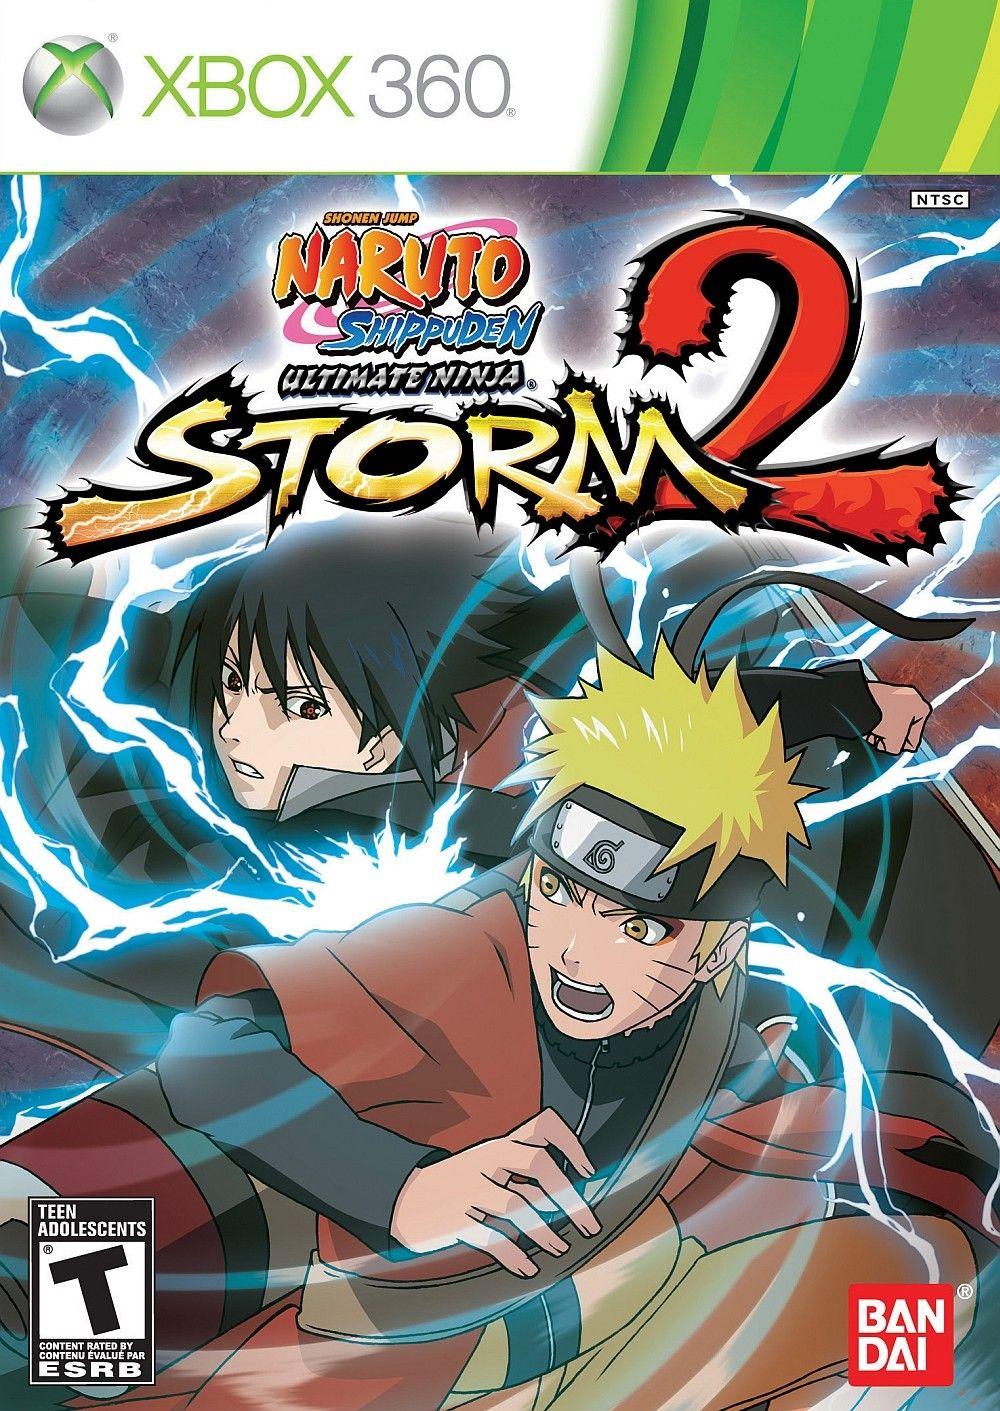 Naruto Shippuden Ultimate Ninja Storm 2 Naruto Naruto Shippuden Xbox 360